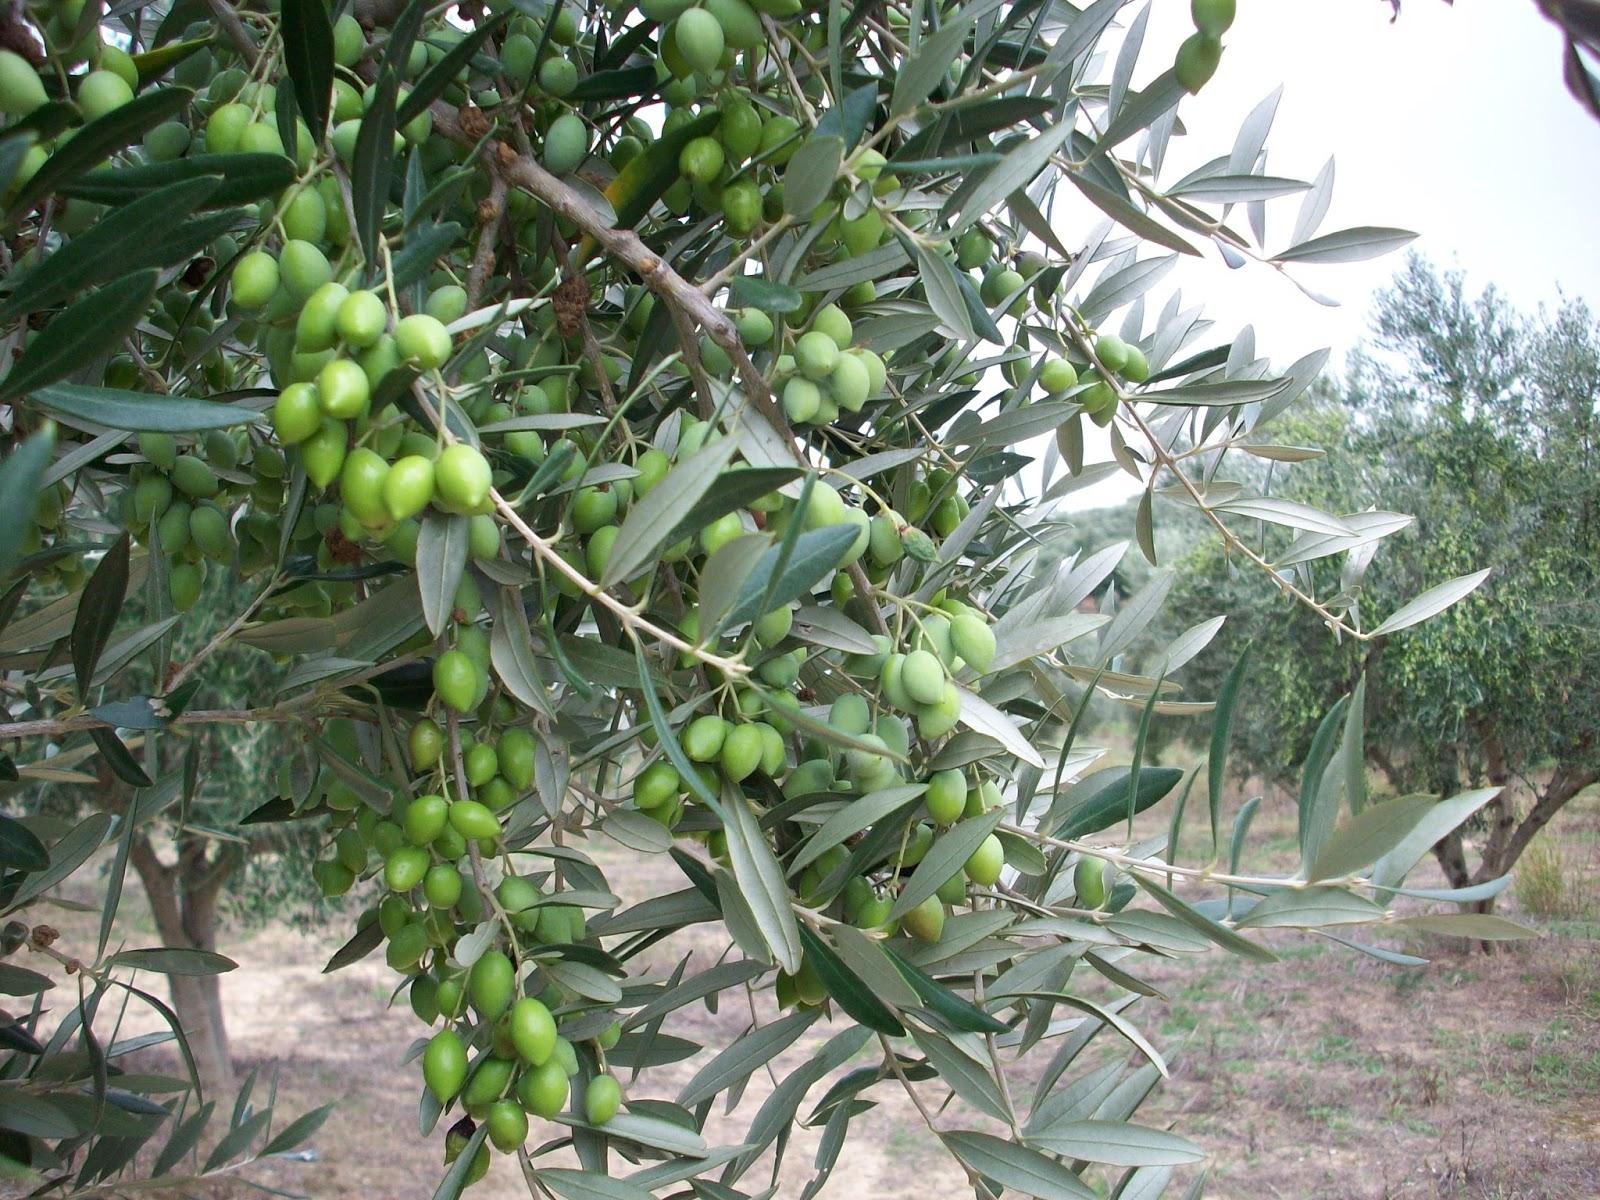 Το κλάδεμα των δένδρων ελιάς, αποτελεί μια σημαντικότατη καλλιεργητική φροντίδα. Το κλάδεμα, μαζί με την κατάλληλη λίπανση και άρδευση, μπορεί μέσο- μακροπρόθεσμα, να οδηγήσει σε ομοιόμορφη παραγωγή από χρονιά σε χρονιά. Να εξαλείψει δηλαδή ή να περιορίσει το φαινόμενο της παρενιαυτοφορίας